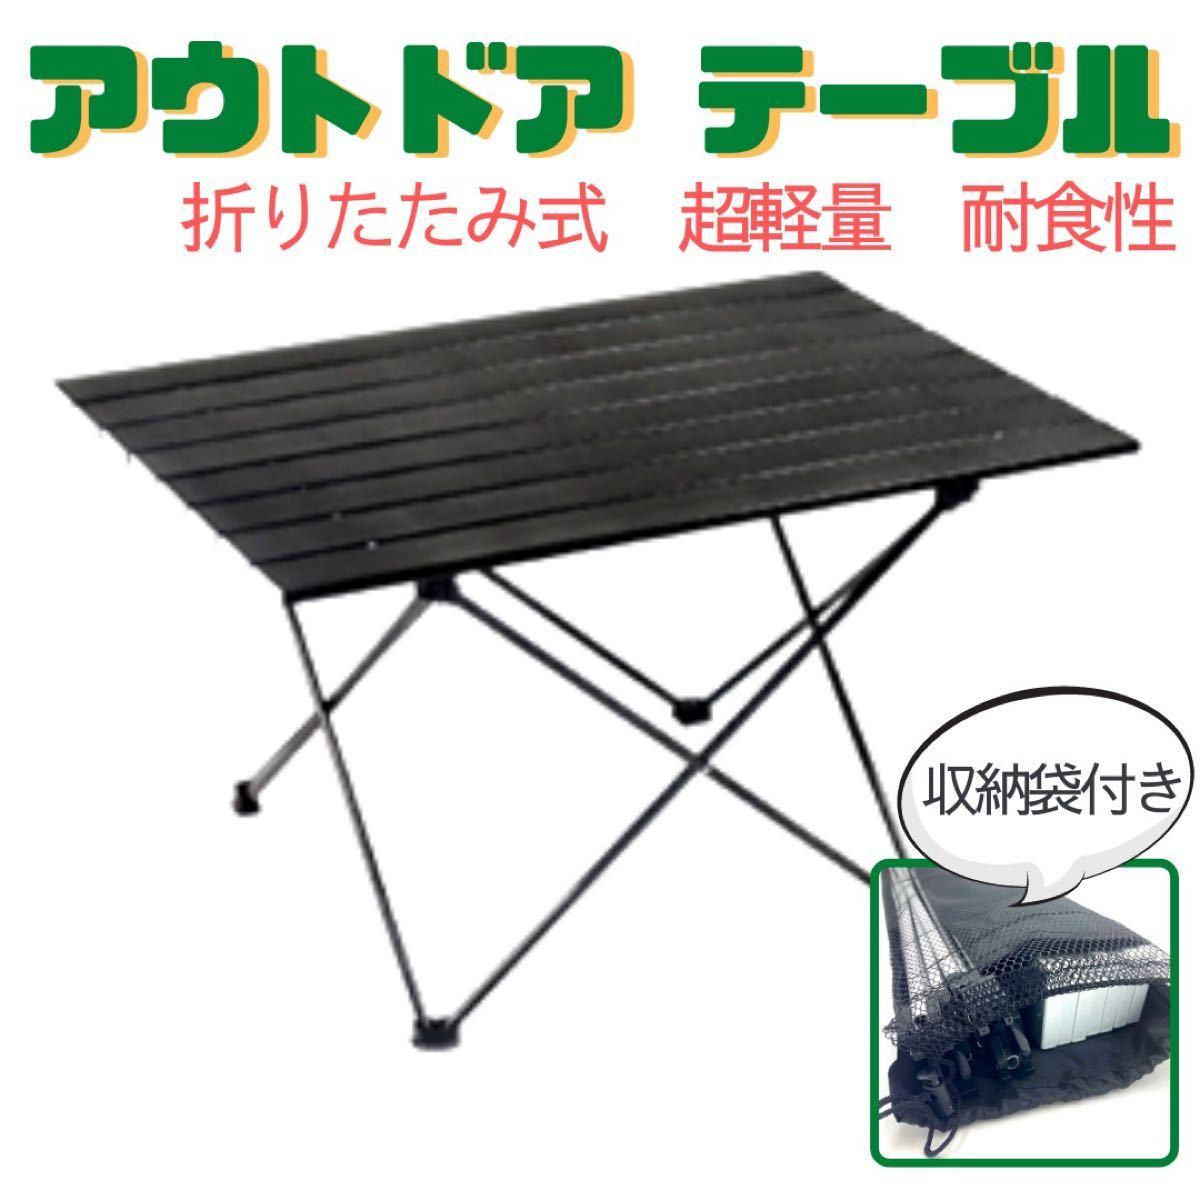 アウトドア用テーブル ハイキング 折りたたみコンパクト アルミ キャンプ 耐久性